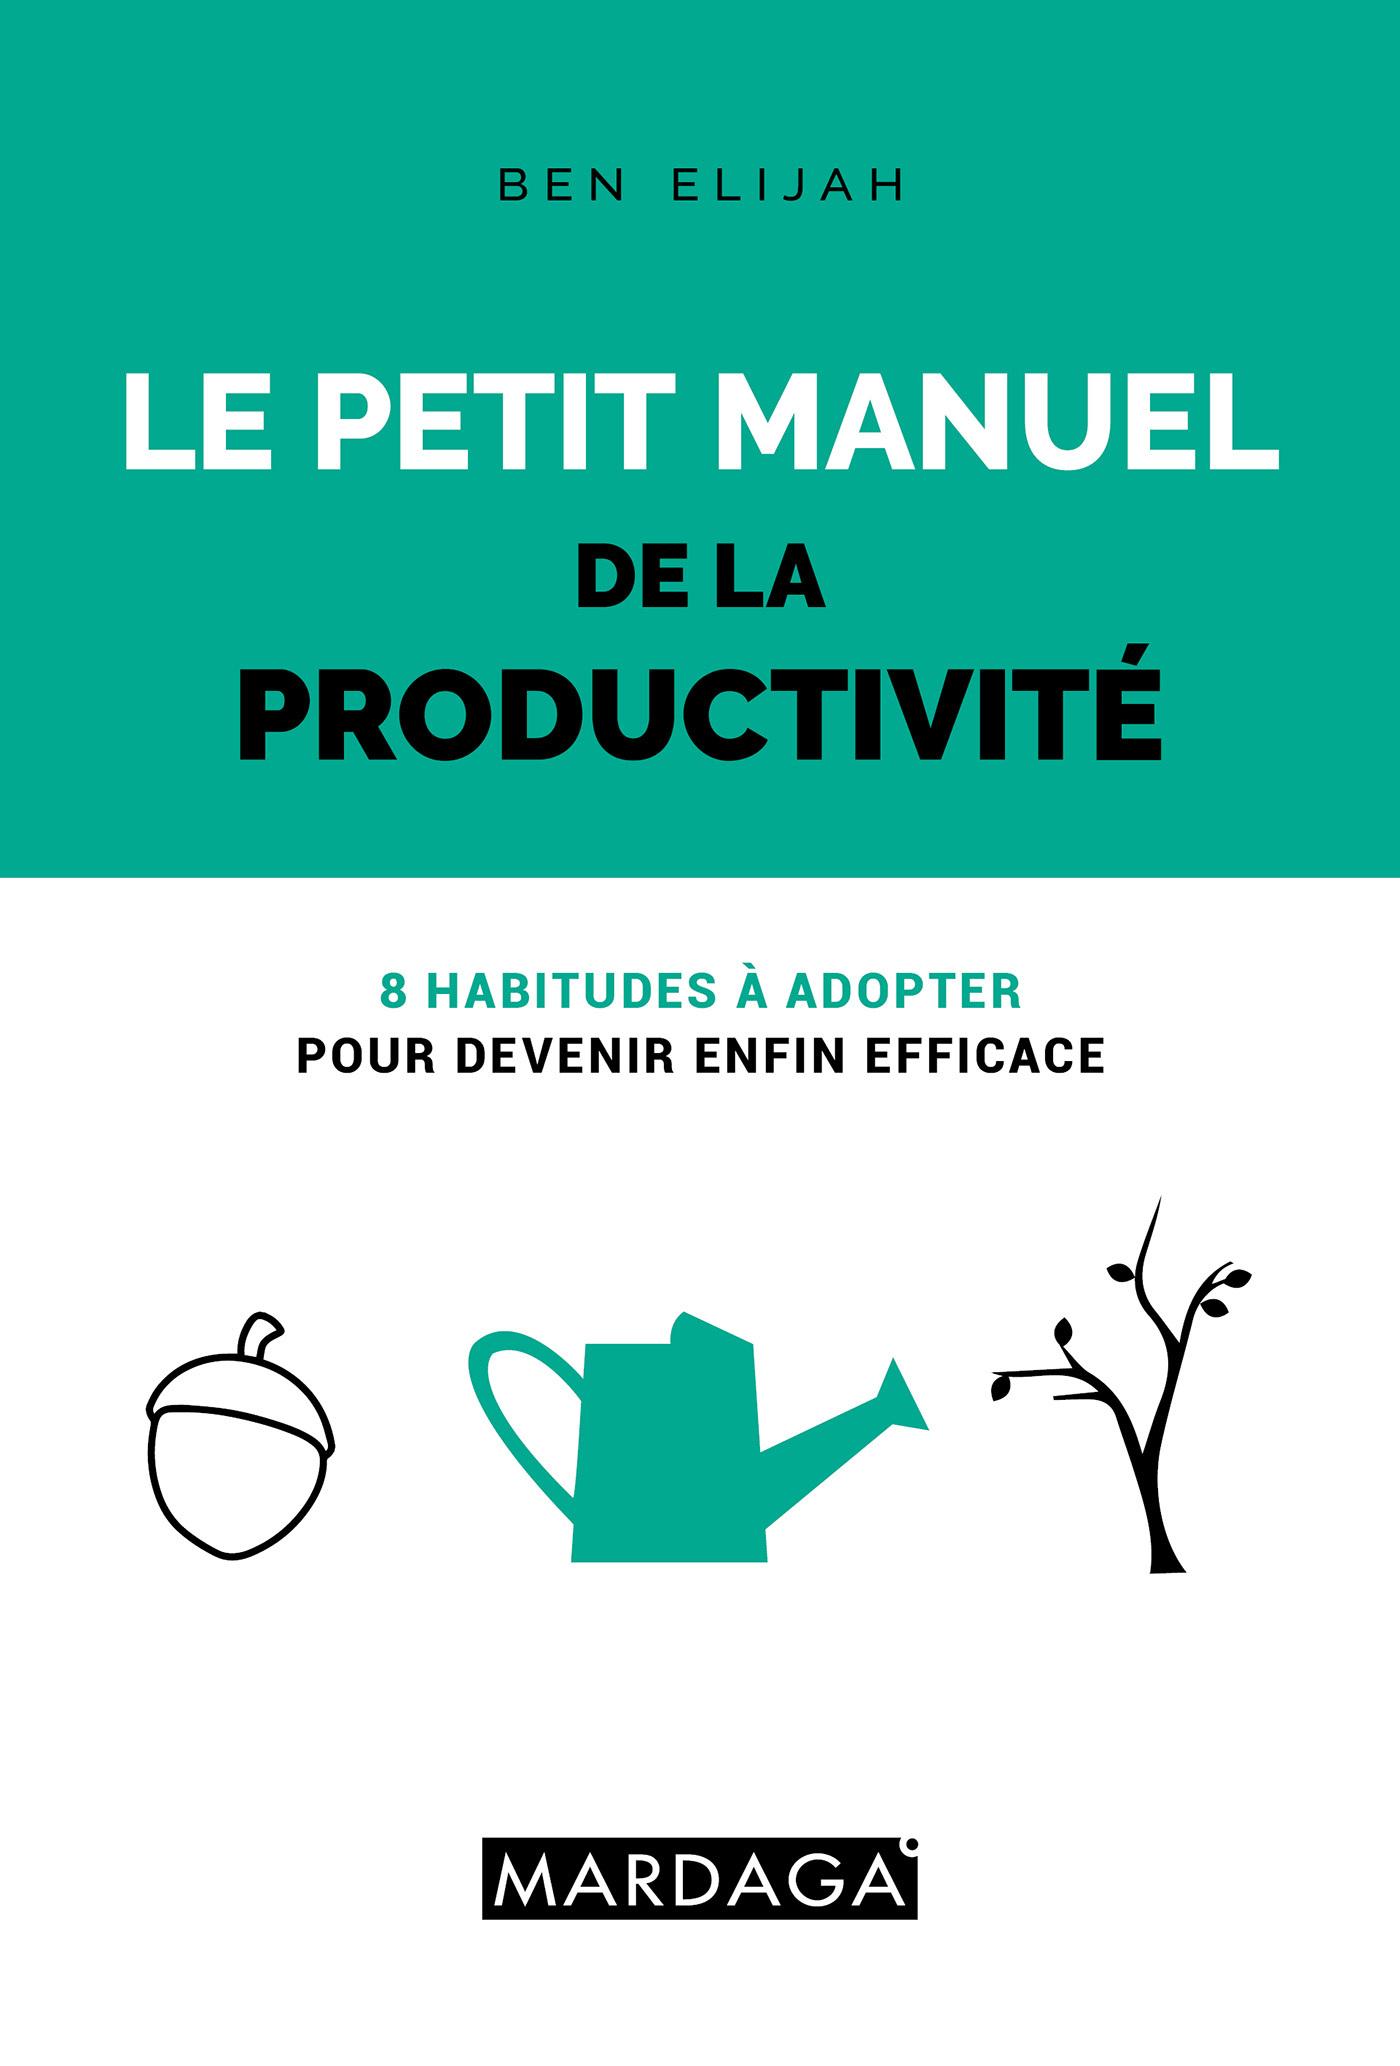 PETIT MANUEL DE LA PRODUCTIVITE (LE) - 8 HABITUDES A ADOPTER POUR DEVENIR ENFIN EFFICACE